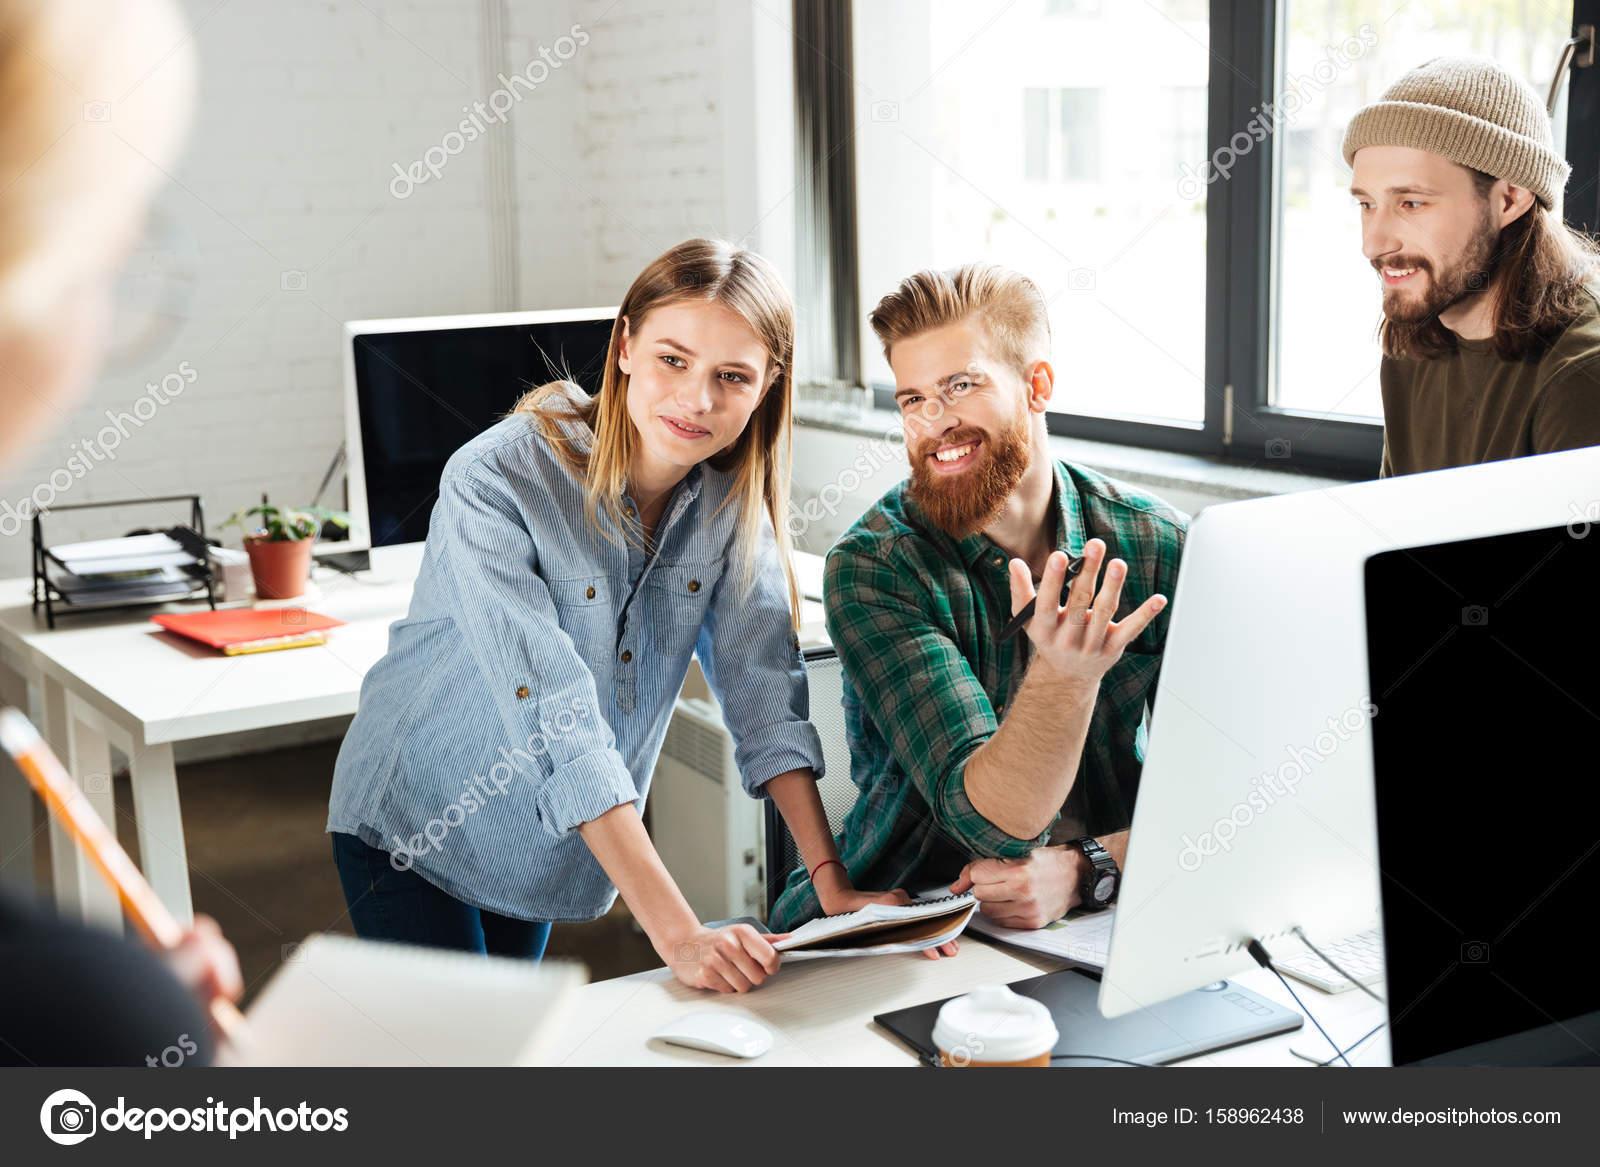 Gluckliche Kollegen Im Buro Miteinander Reden Stockfoto